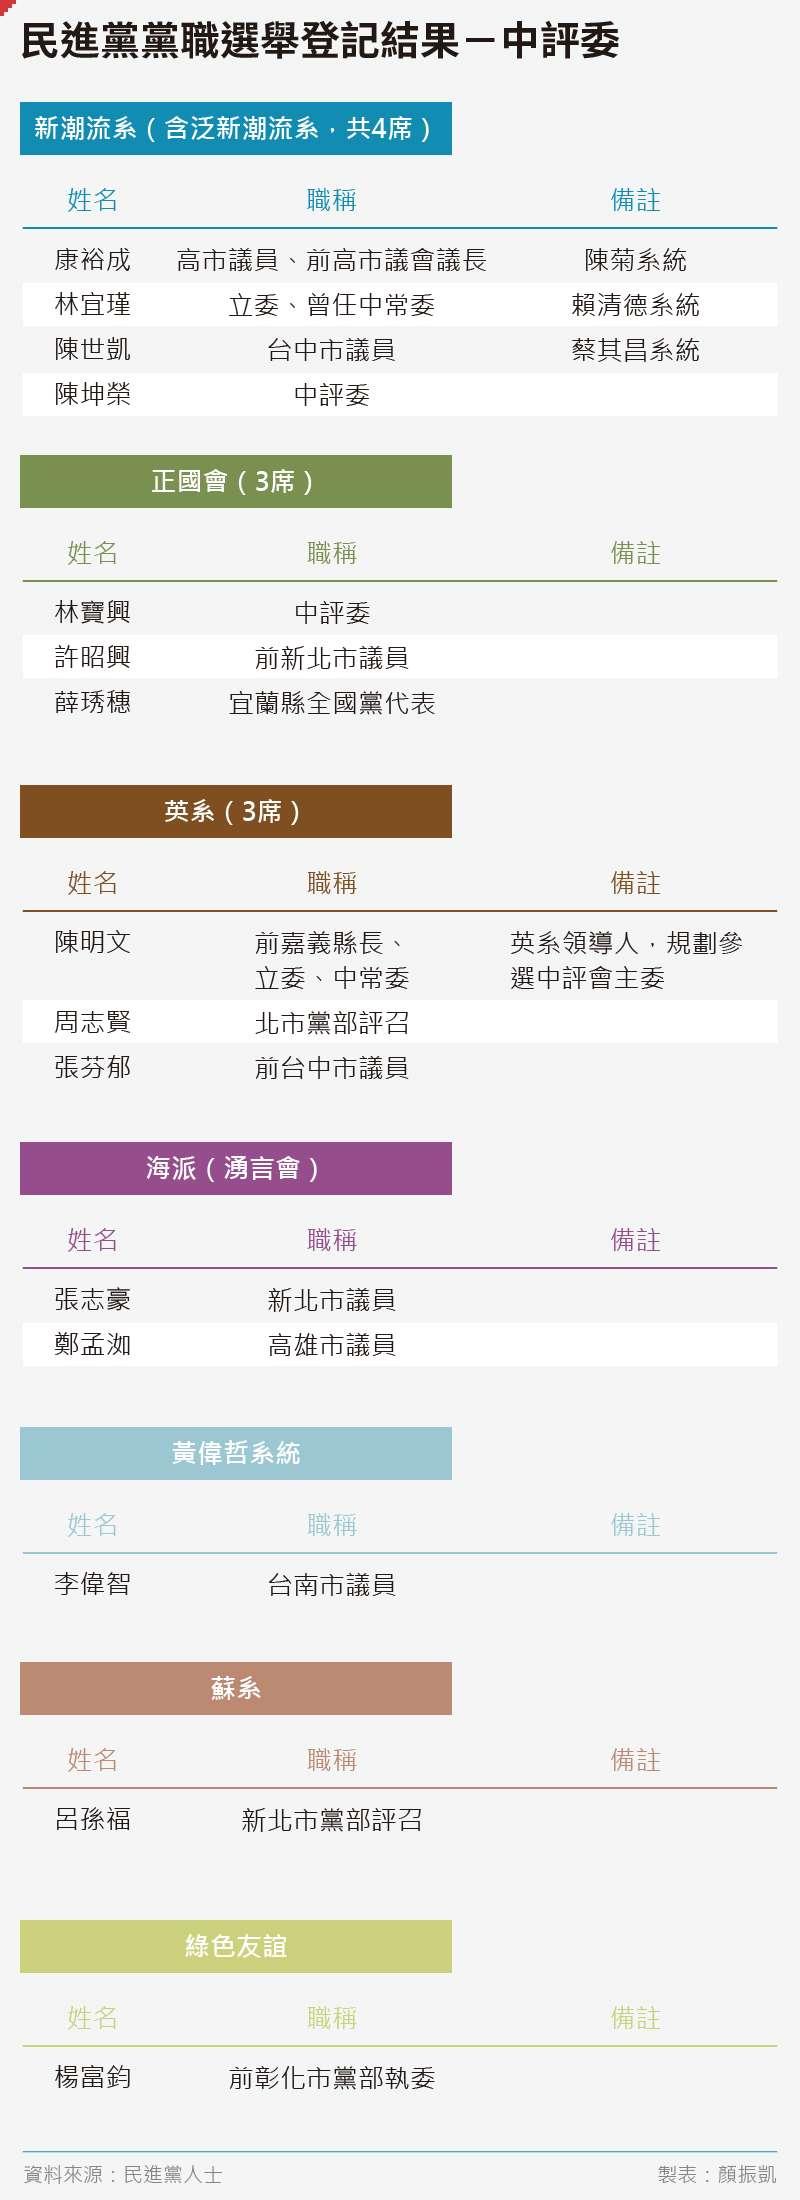 20200619-SMG0035-日常_B民進黨黨職選舉登記結果-中評委